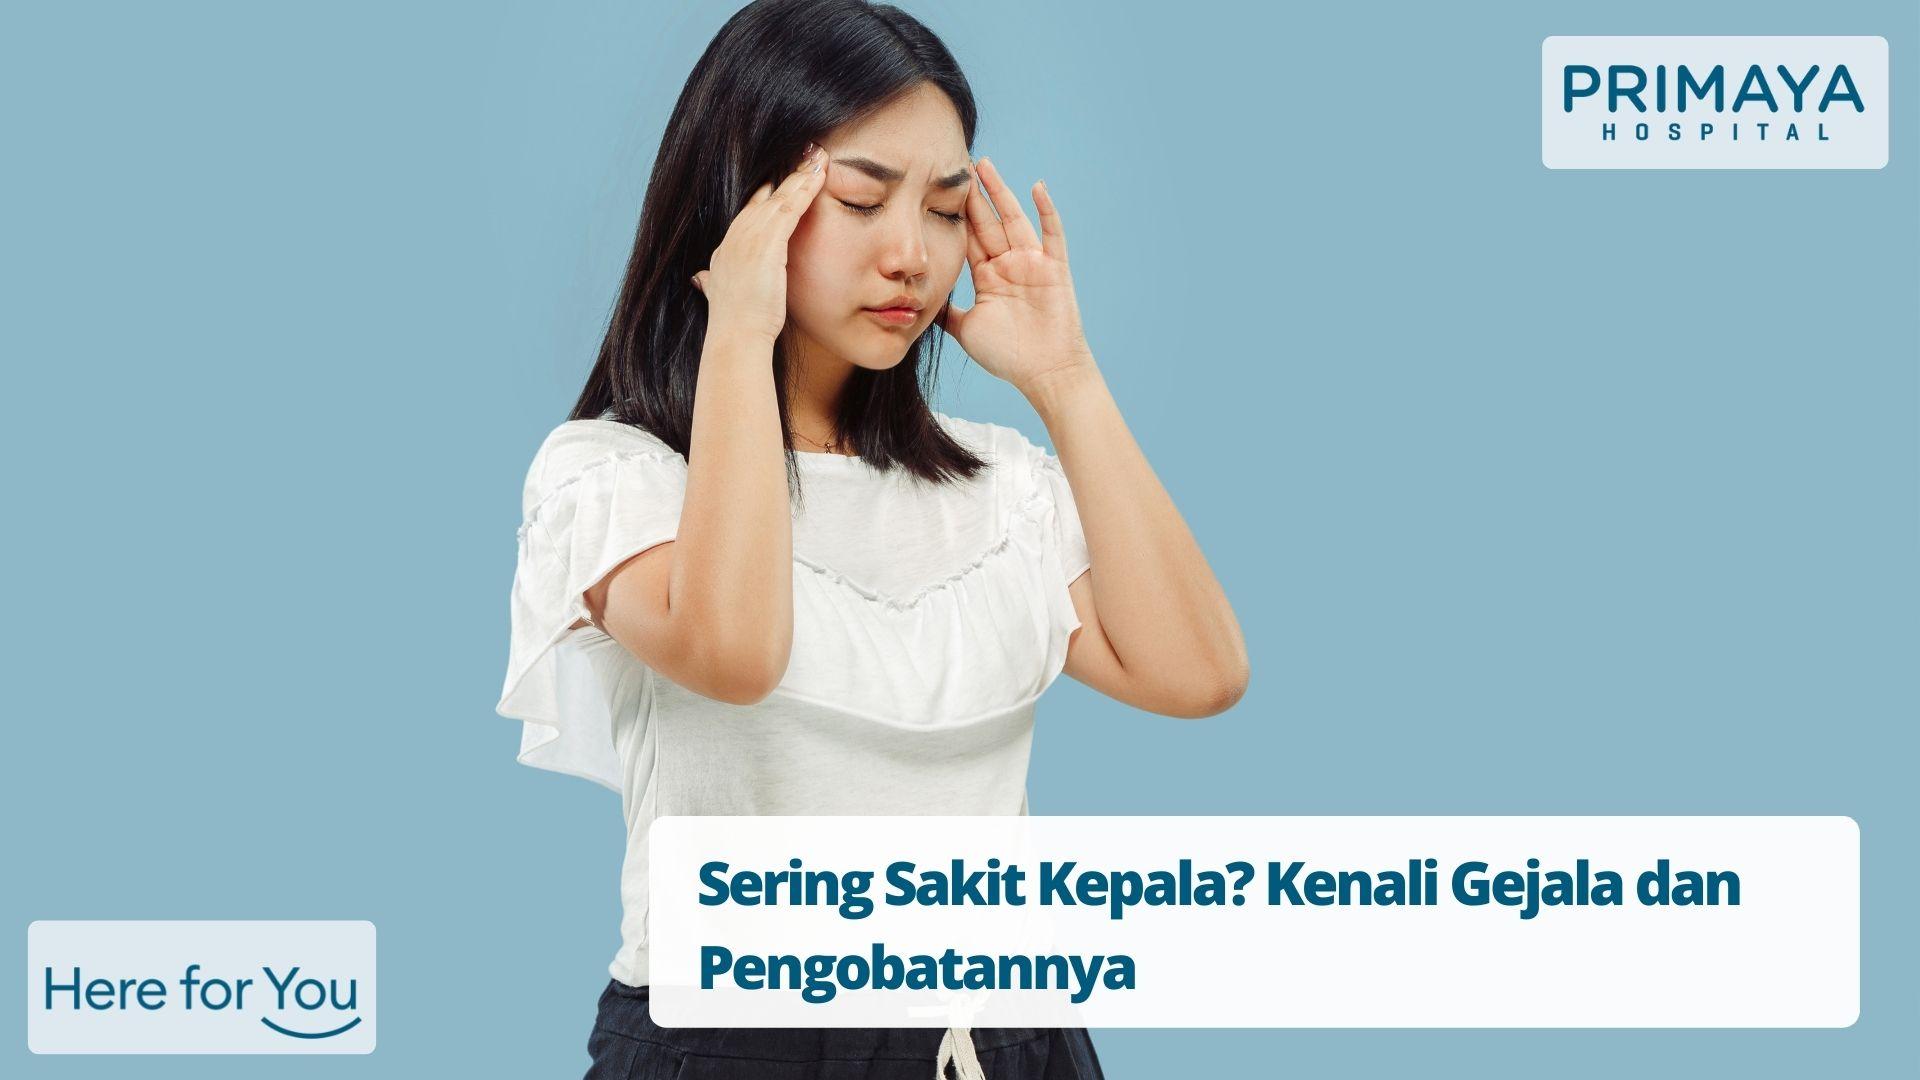 Sering Sakit Kepala? Kenali Gejala dan Pengobatannya